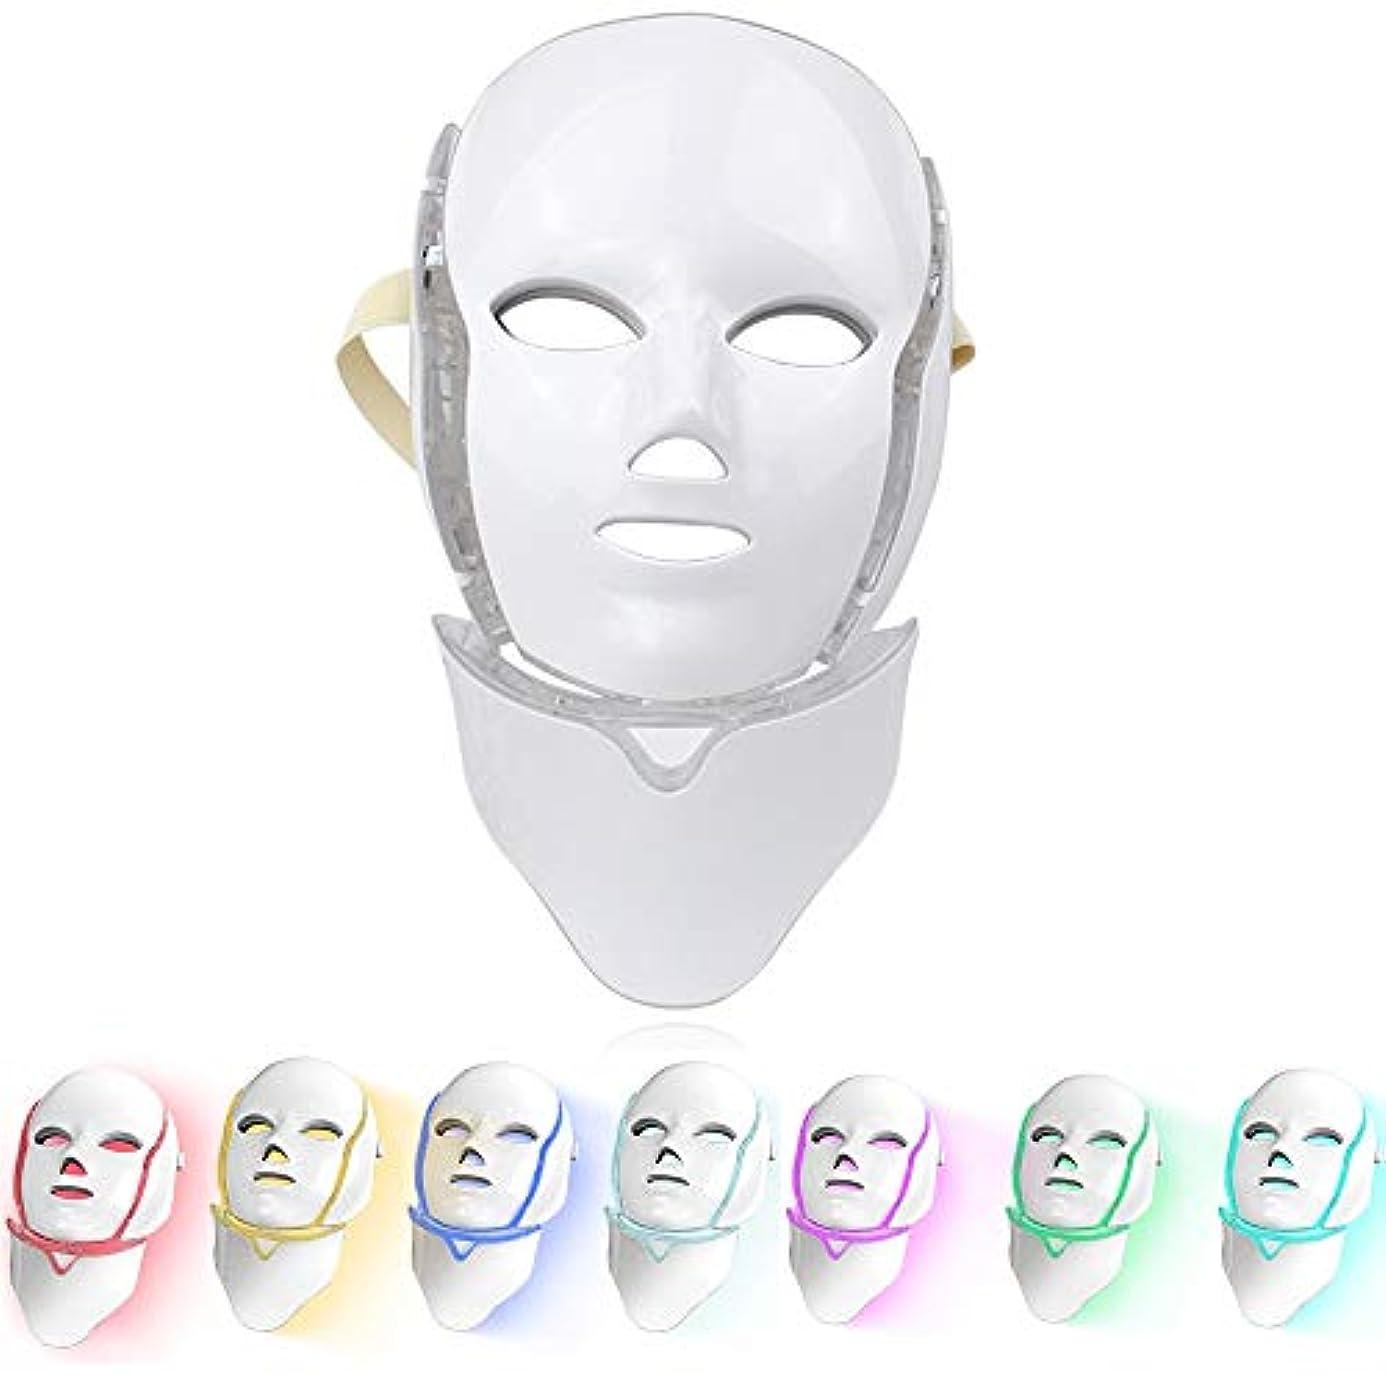 ちなみに怪物冬LED光線療法マスク(ネック付き)7色光線治療スキンケア美容光線療法アンチエイジングアクネリンクルマスク